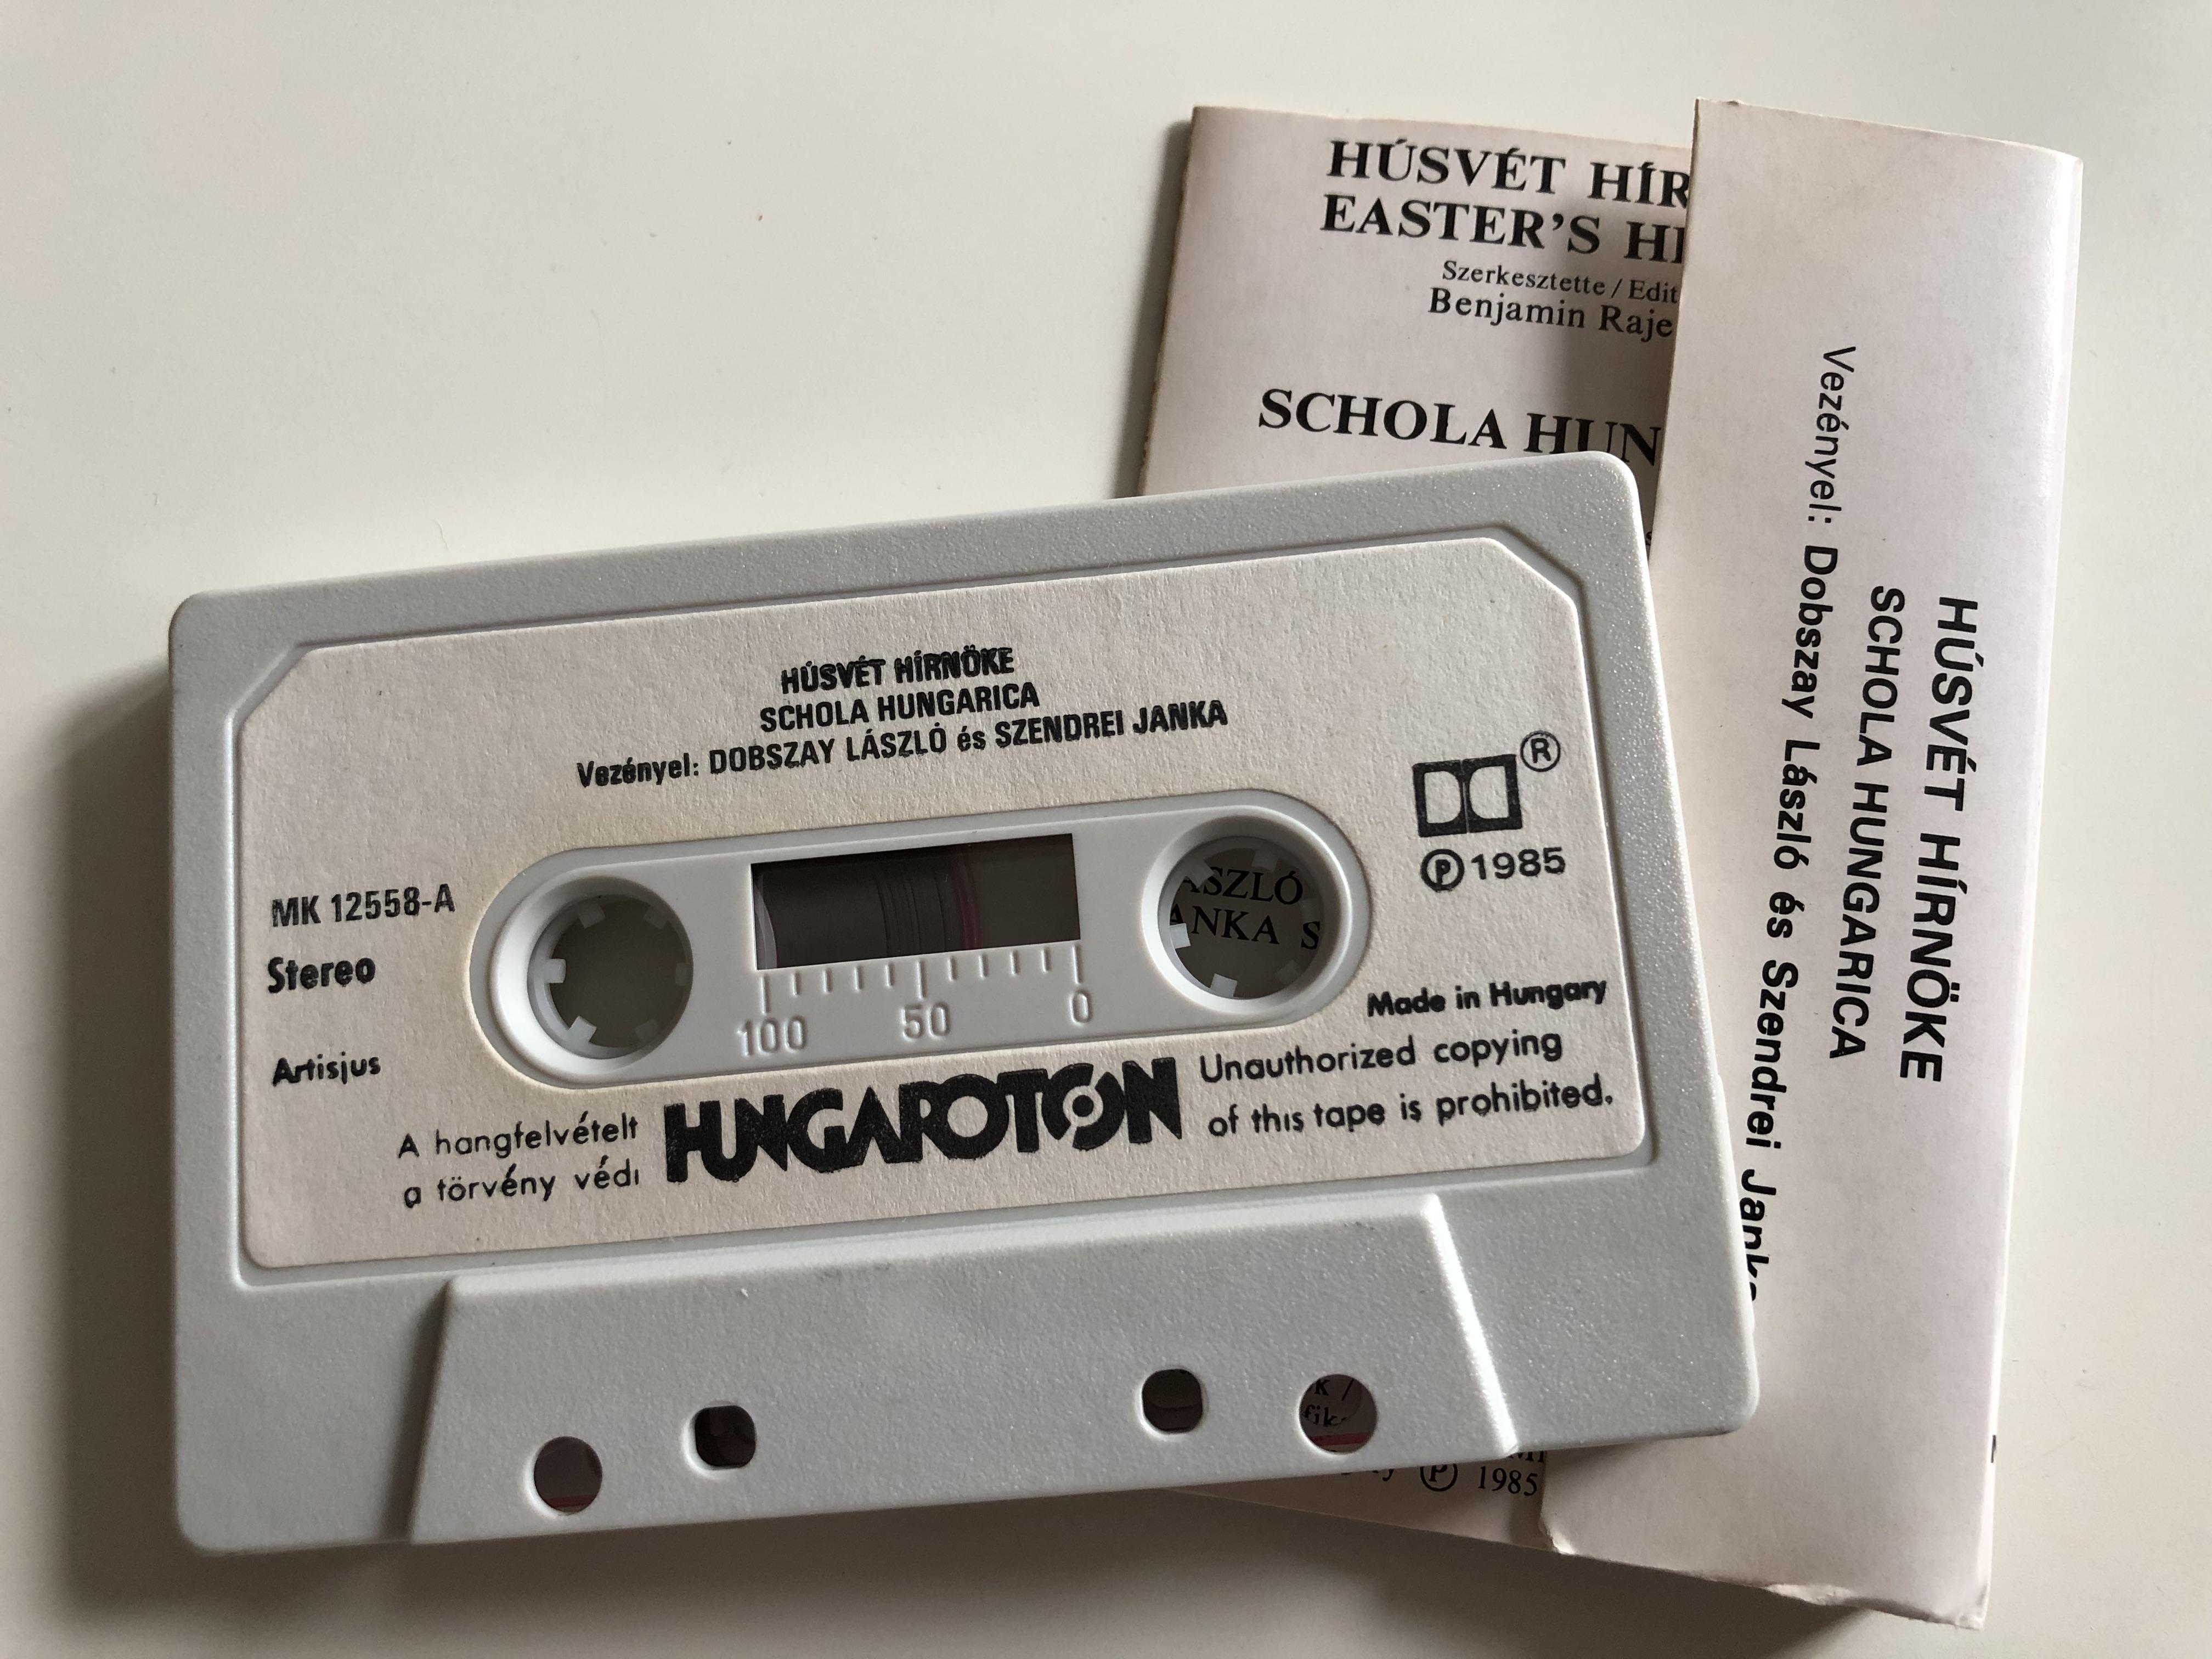 easter-s-herald-h-sv-t-h-rn-ke-gregorian-chants-schola-hungarica-hungaroton-cassette-stereo-mk-12558-4-.jpg